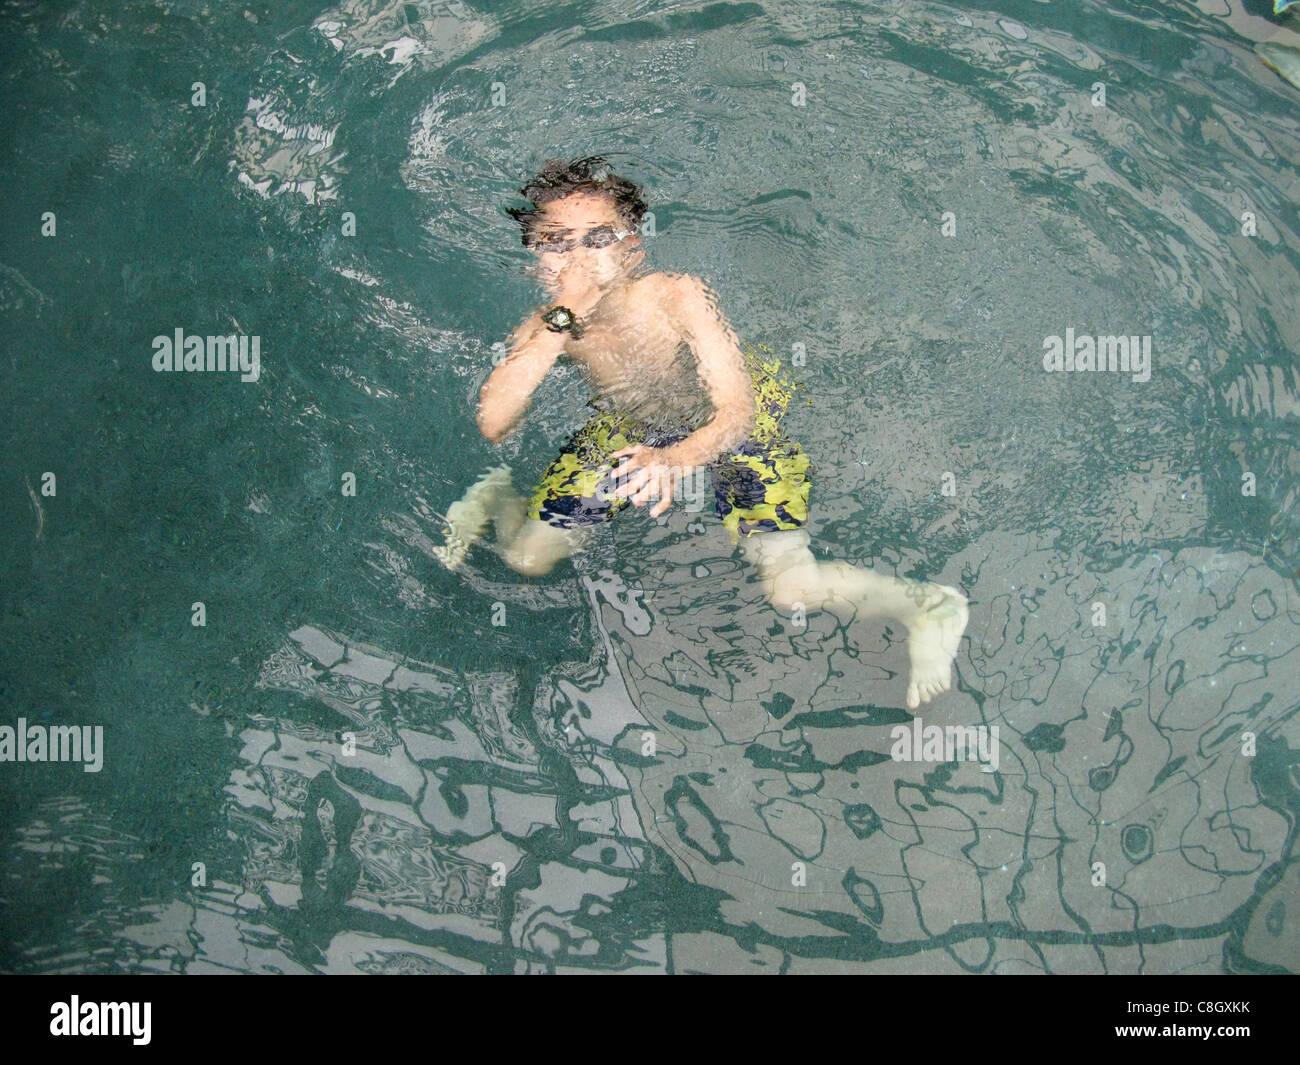 Um rapaz nadar debaixo de água Imagens de Stock